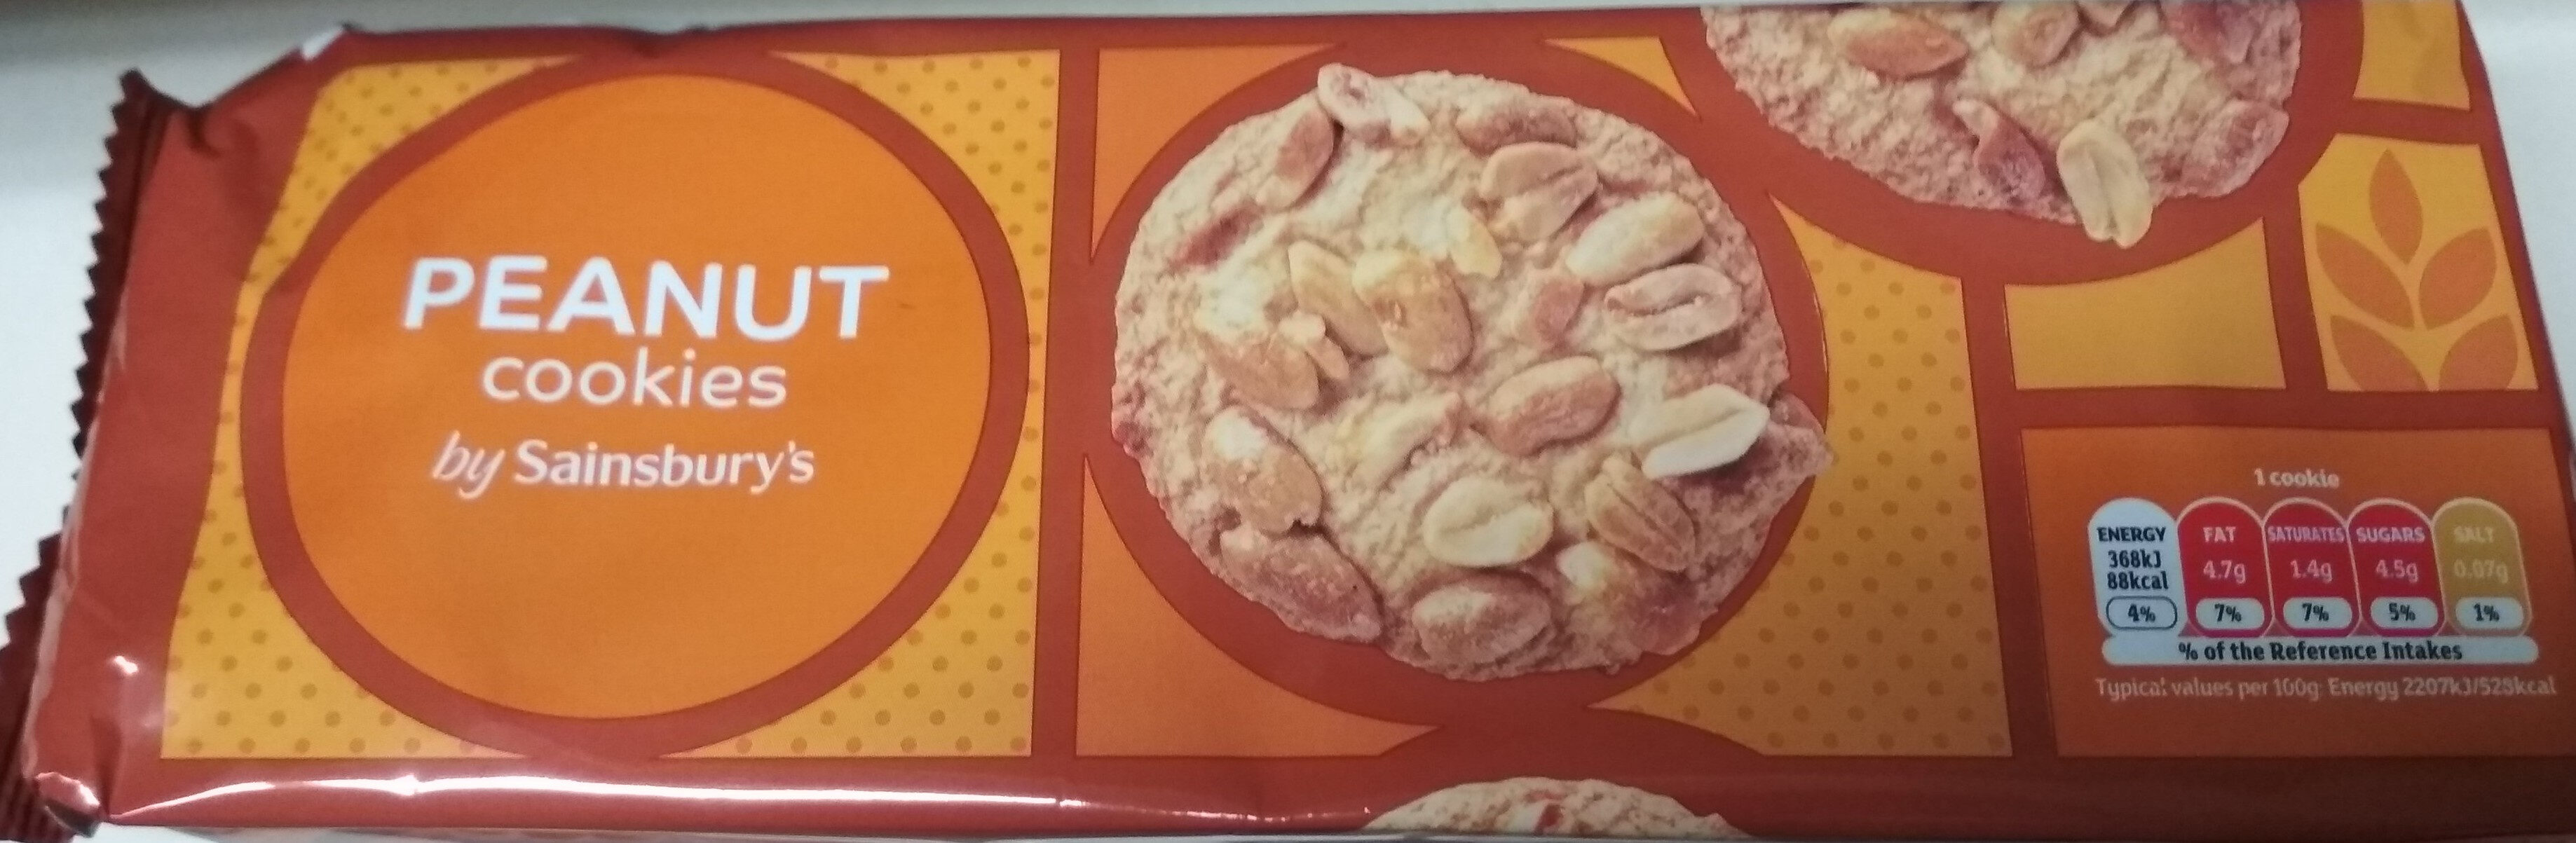 Peanut Cookies - Product